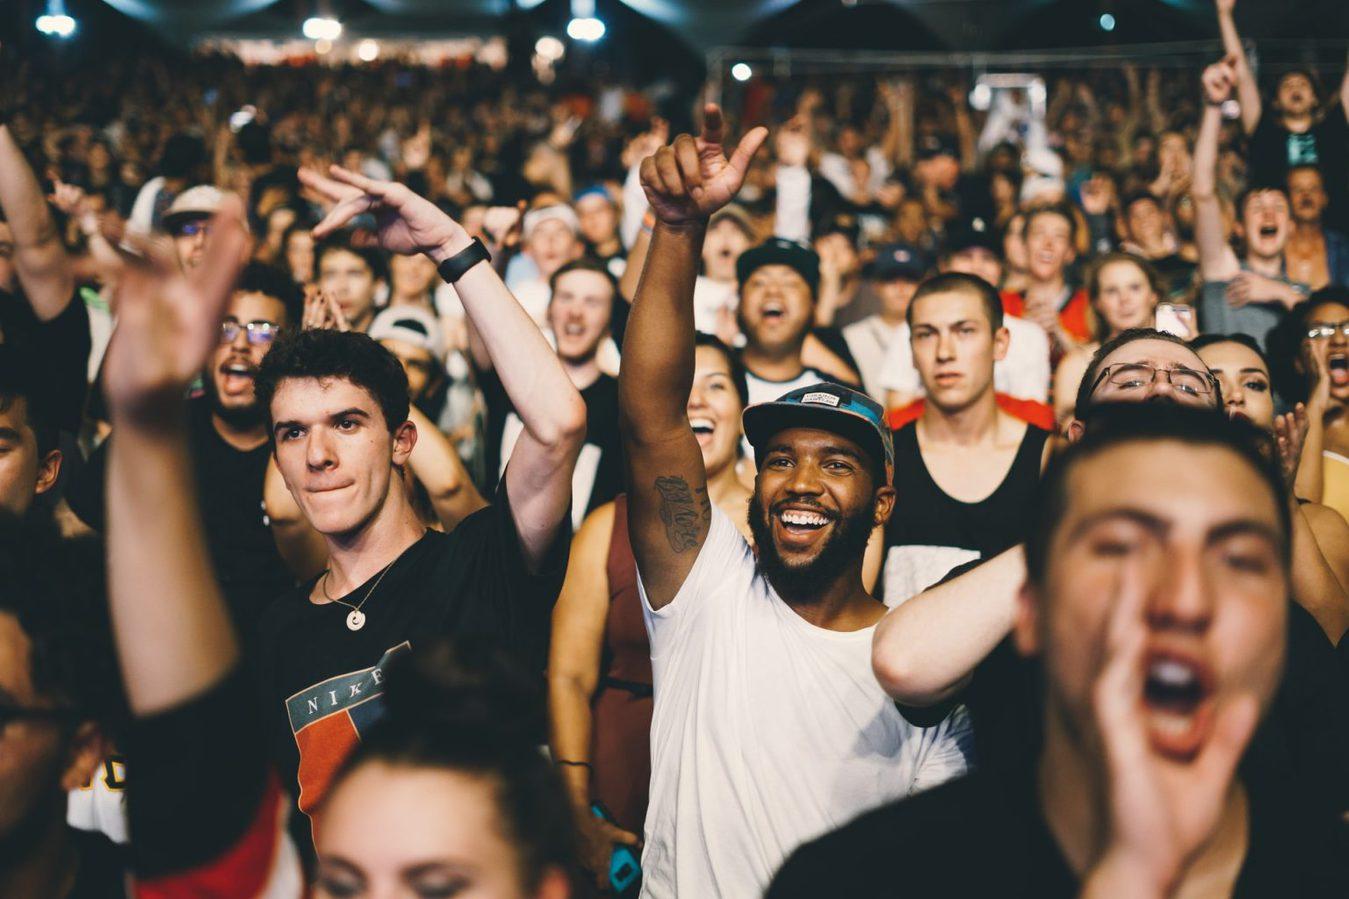 Grupo de pessoas em um show